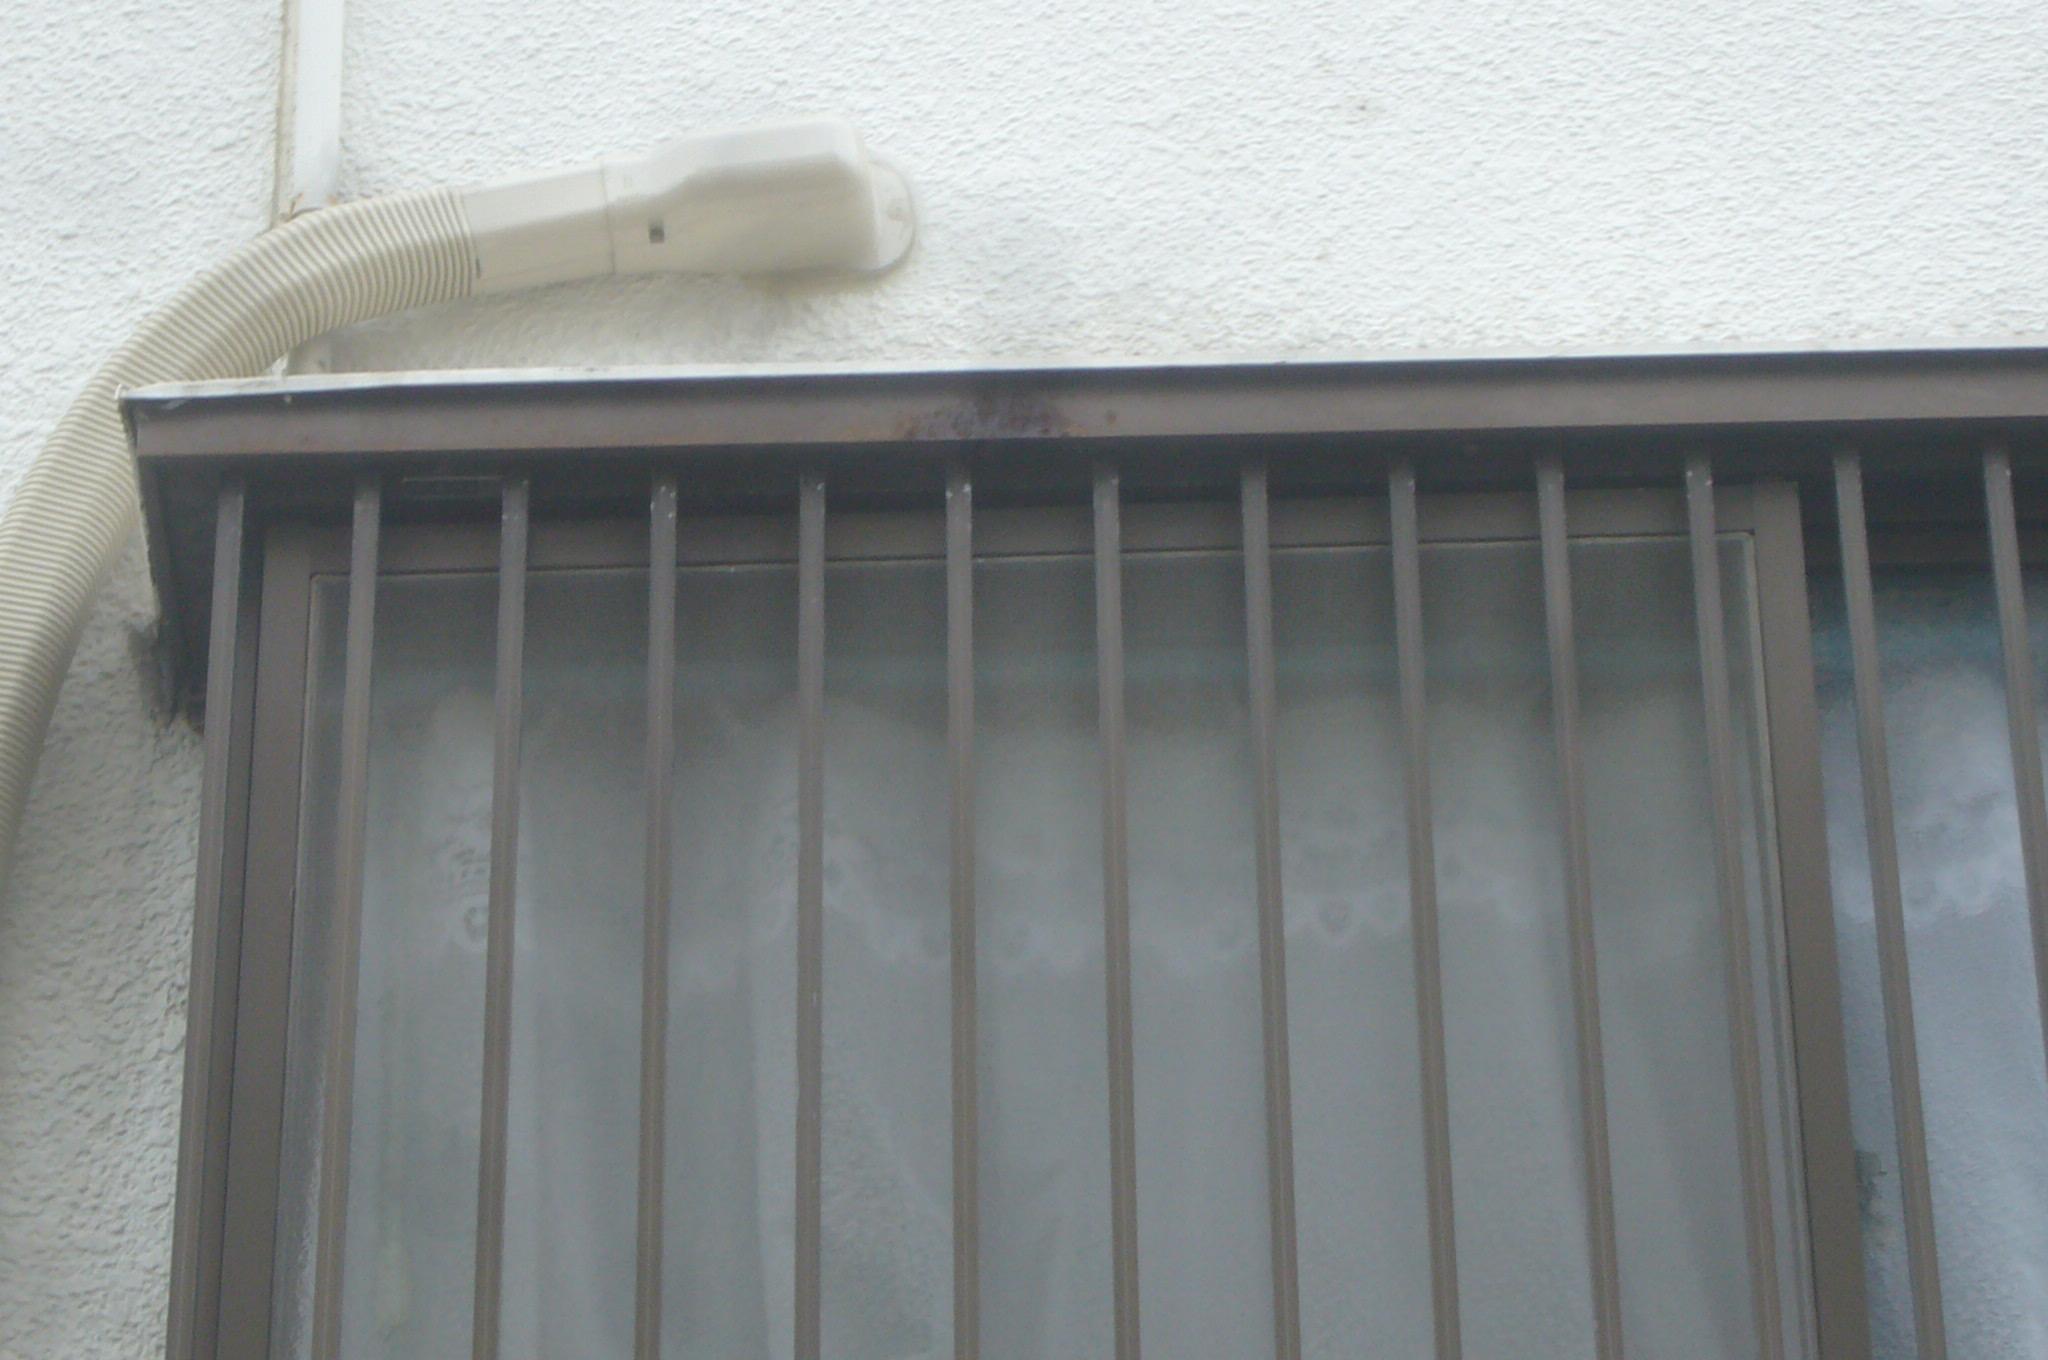 エアコン配線貫通部